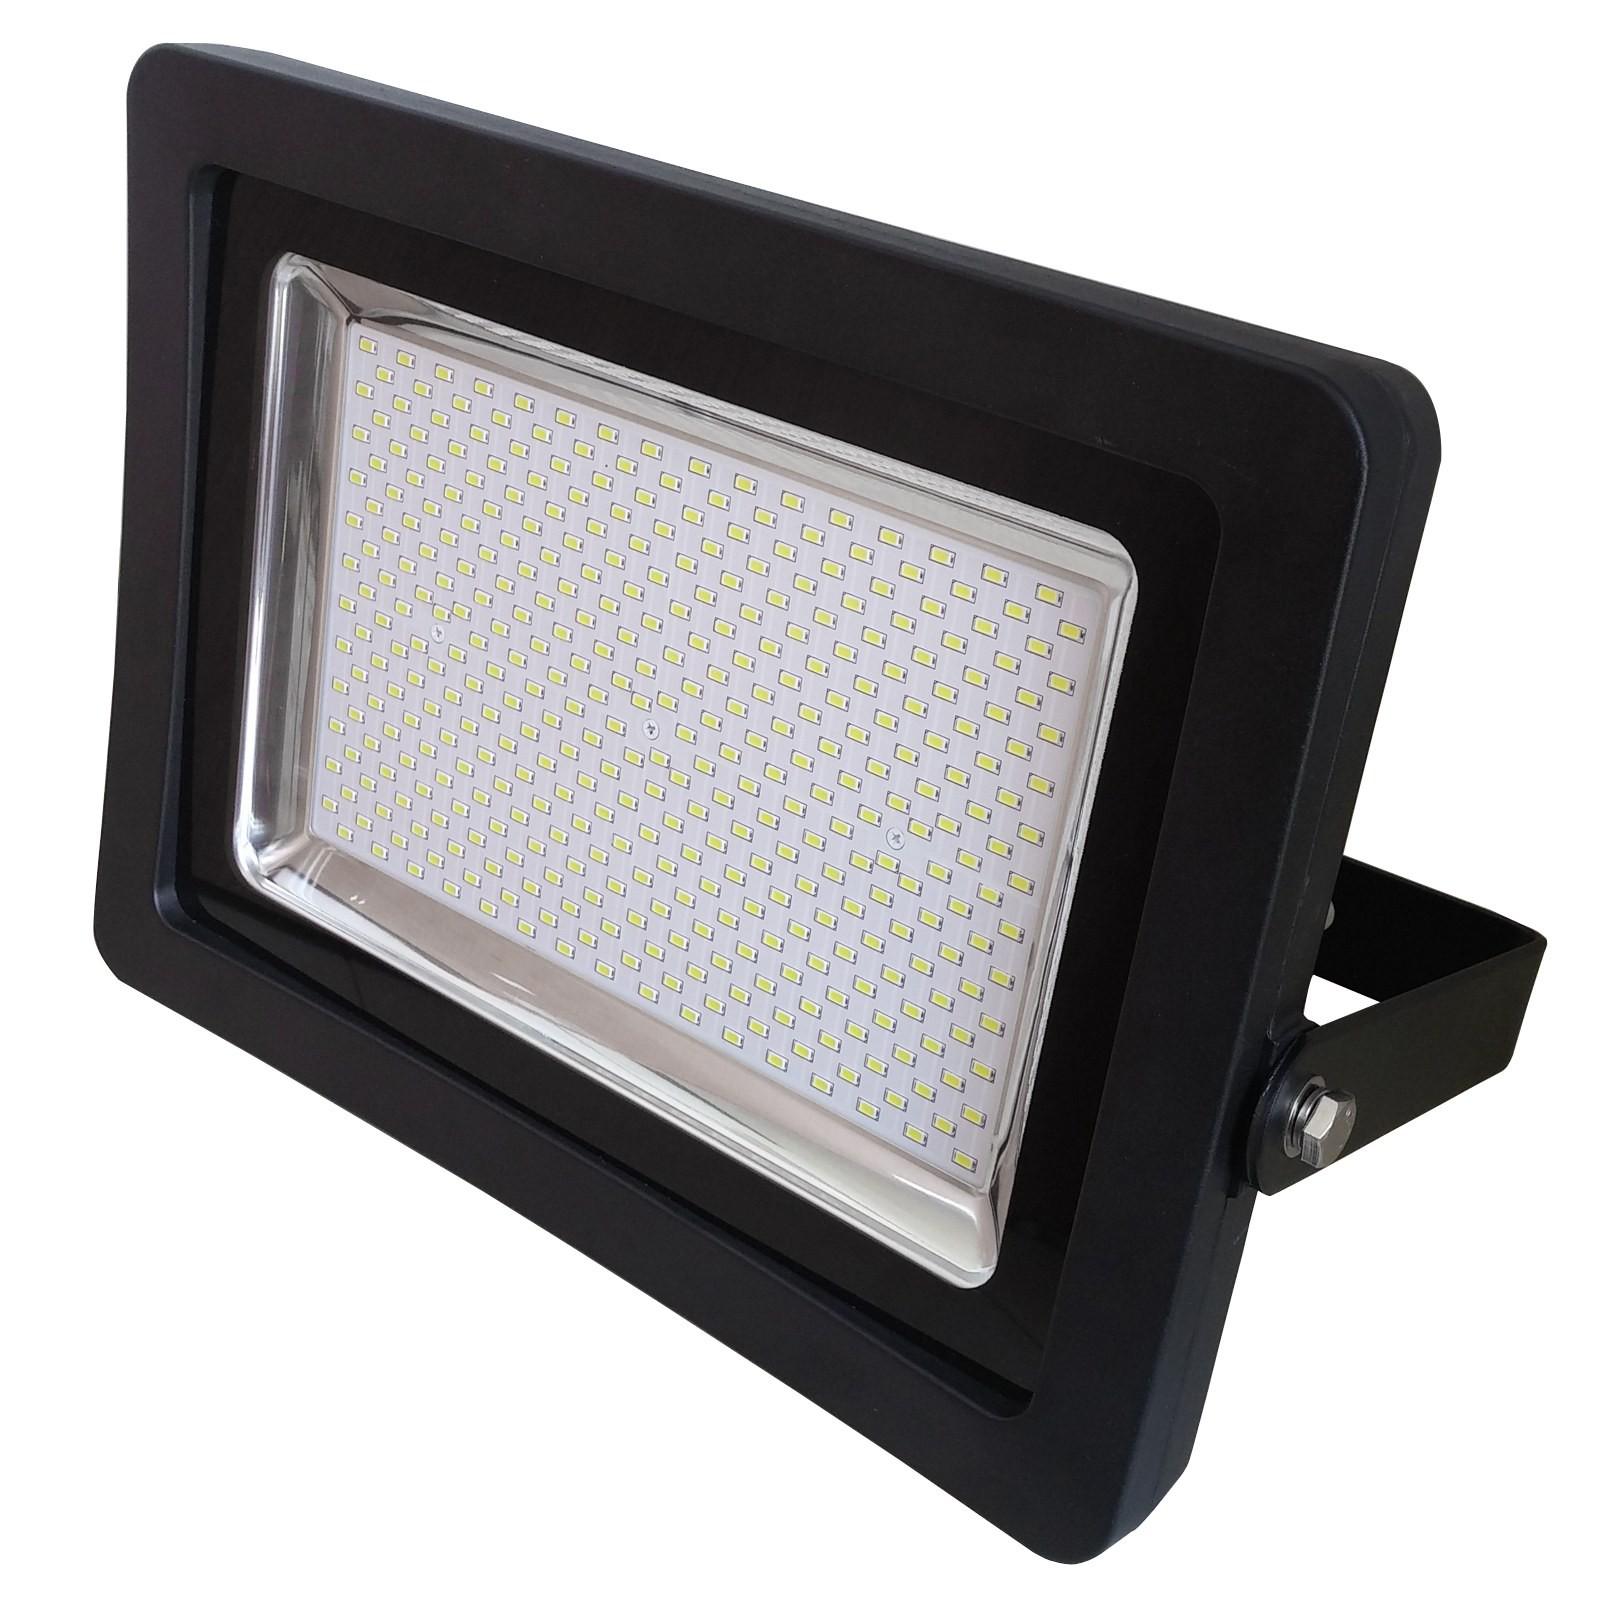 faro faretto led slim da esterno smd ip65 200w 200 watt luce bianca fredda area illumina. Black Bedroom Furniture Sets. Home Design Ideas